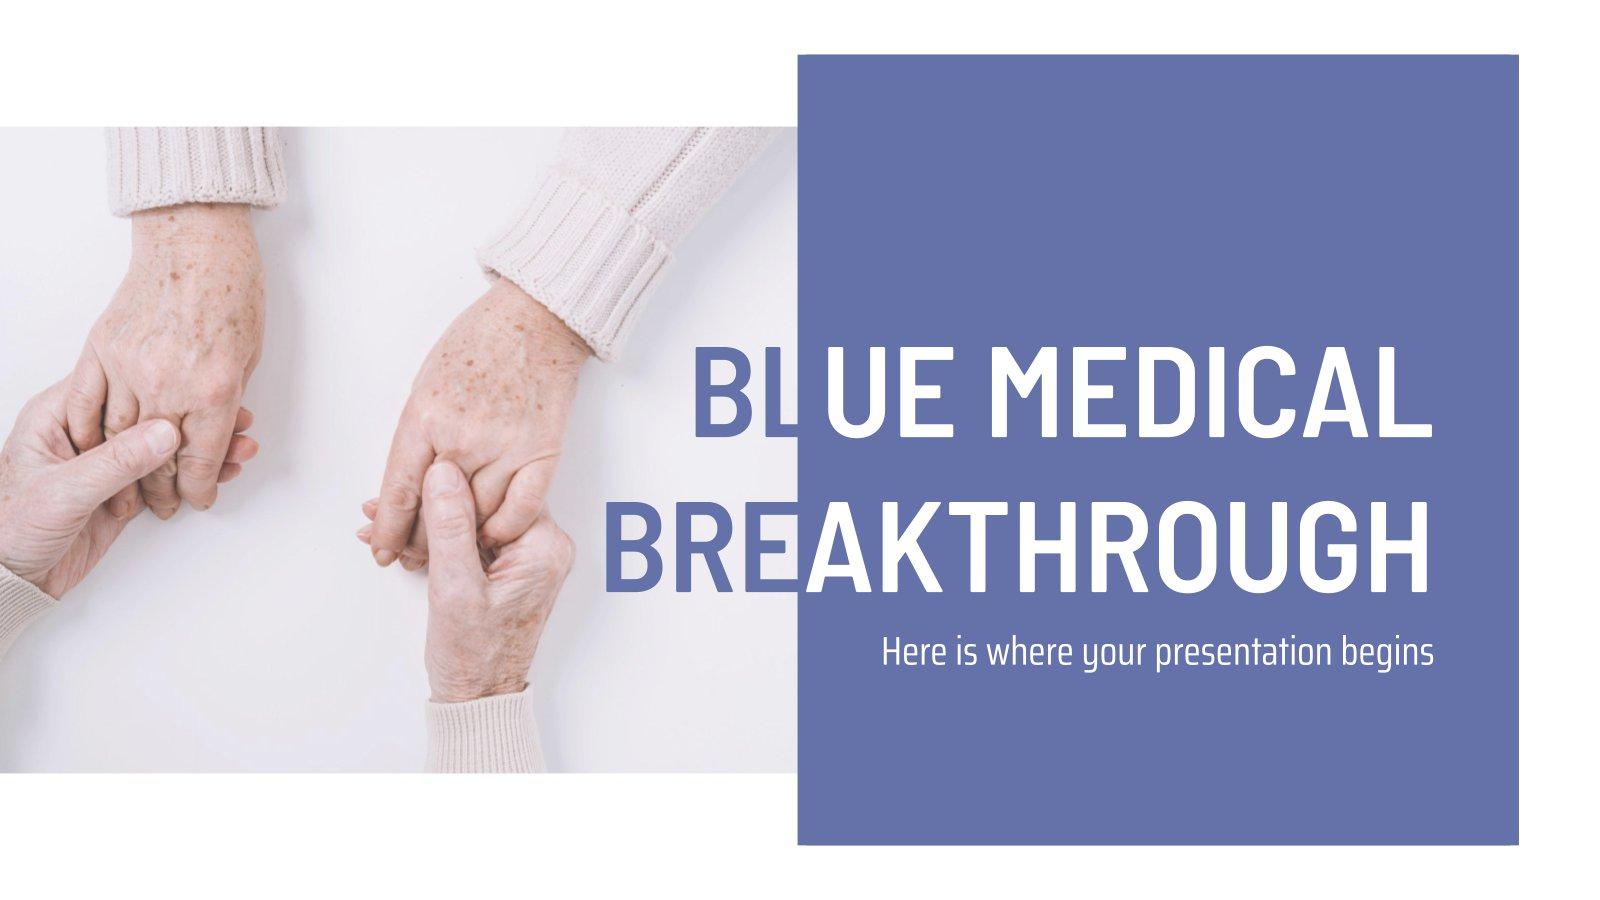 Avancée médicale bleu : Modèles de présentation